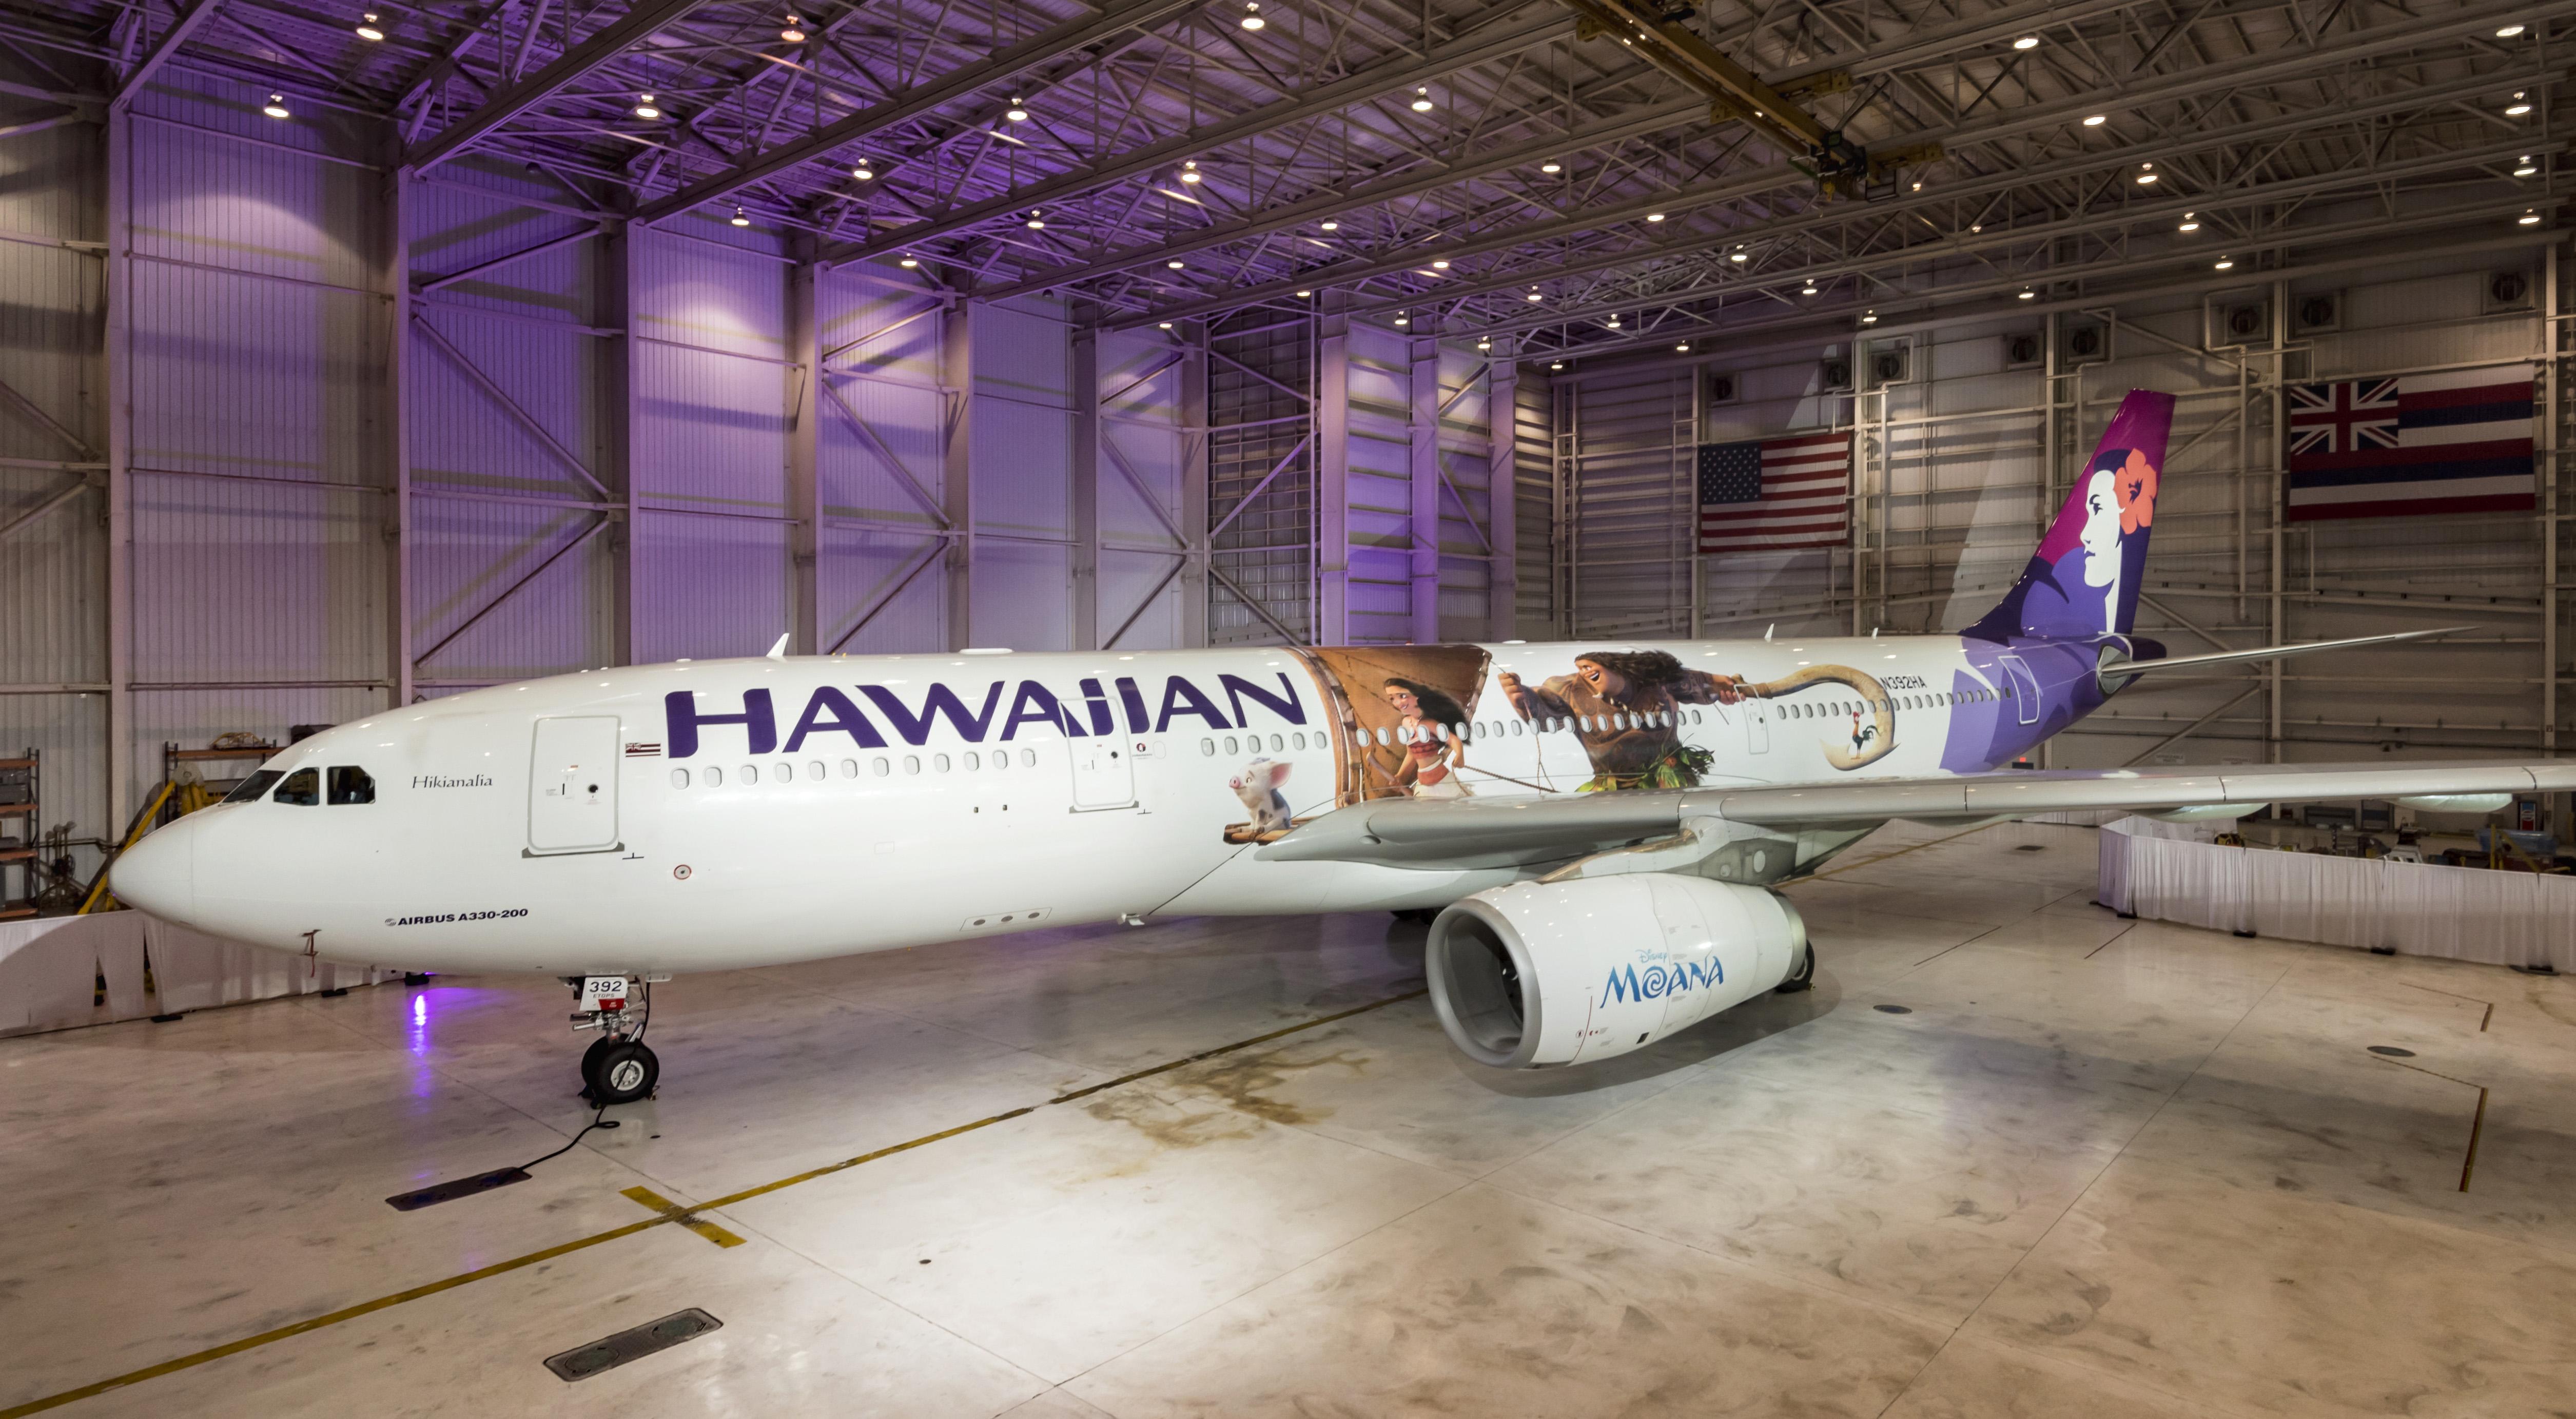 Hawaiian Airlines aircraft.